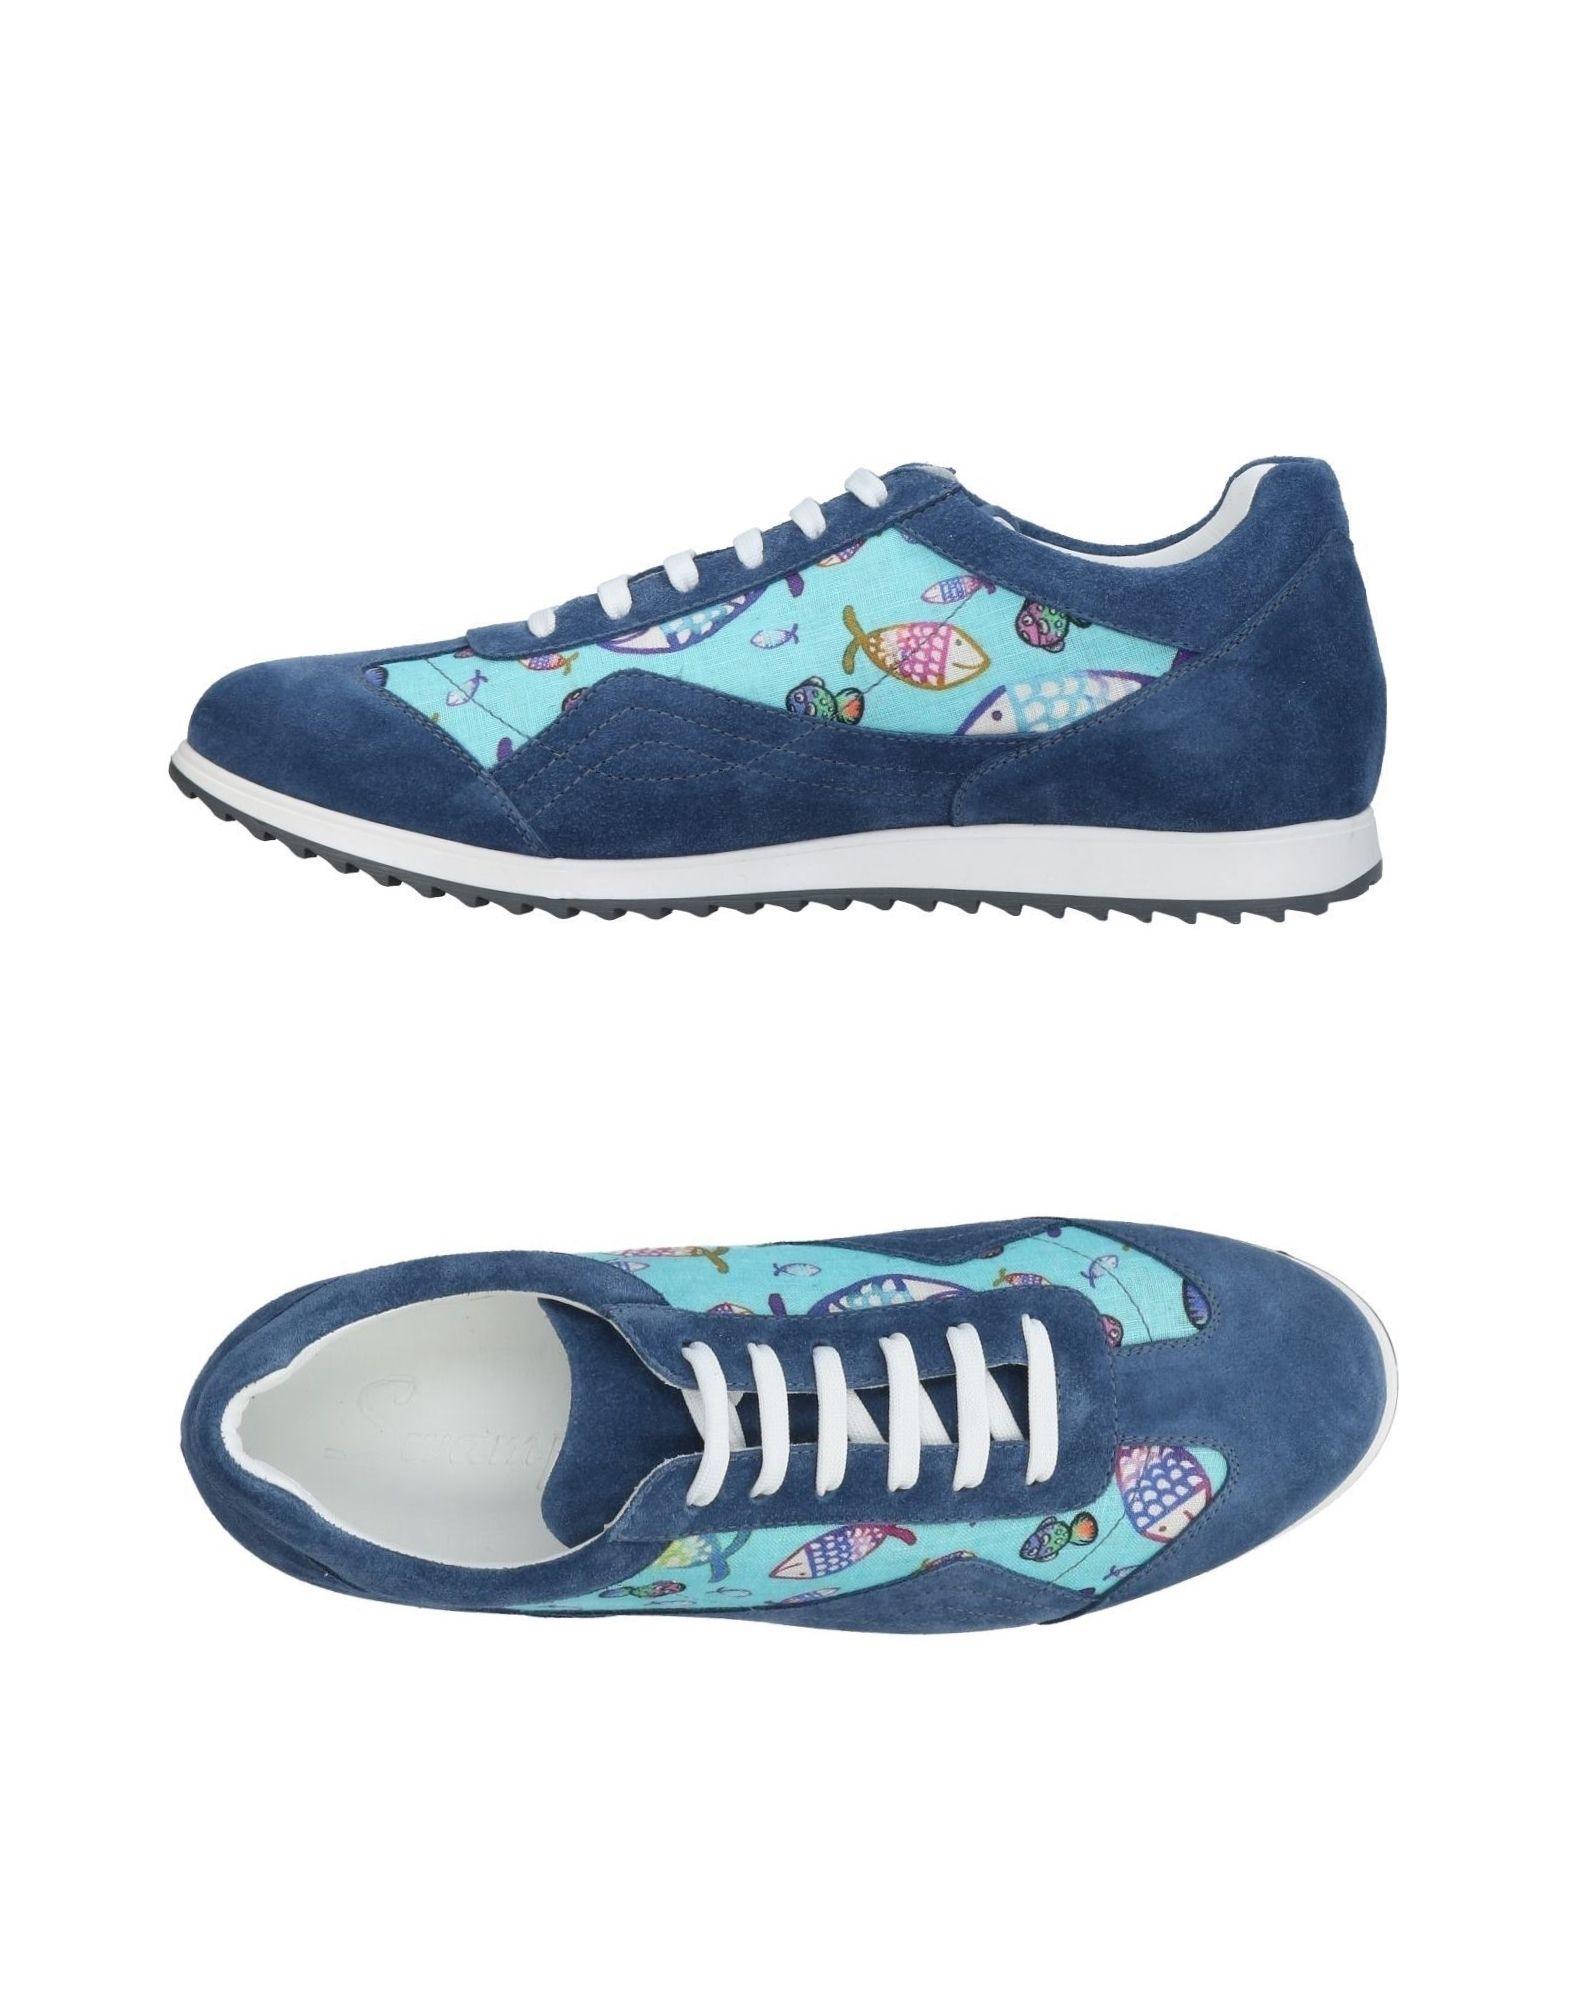 SWAMP Herren Low Sneakers & Tennisschuhe Farbe Blau Größe 5